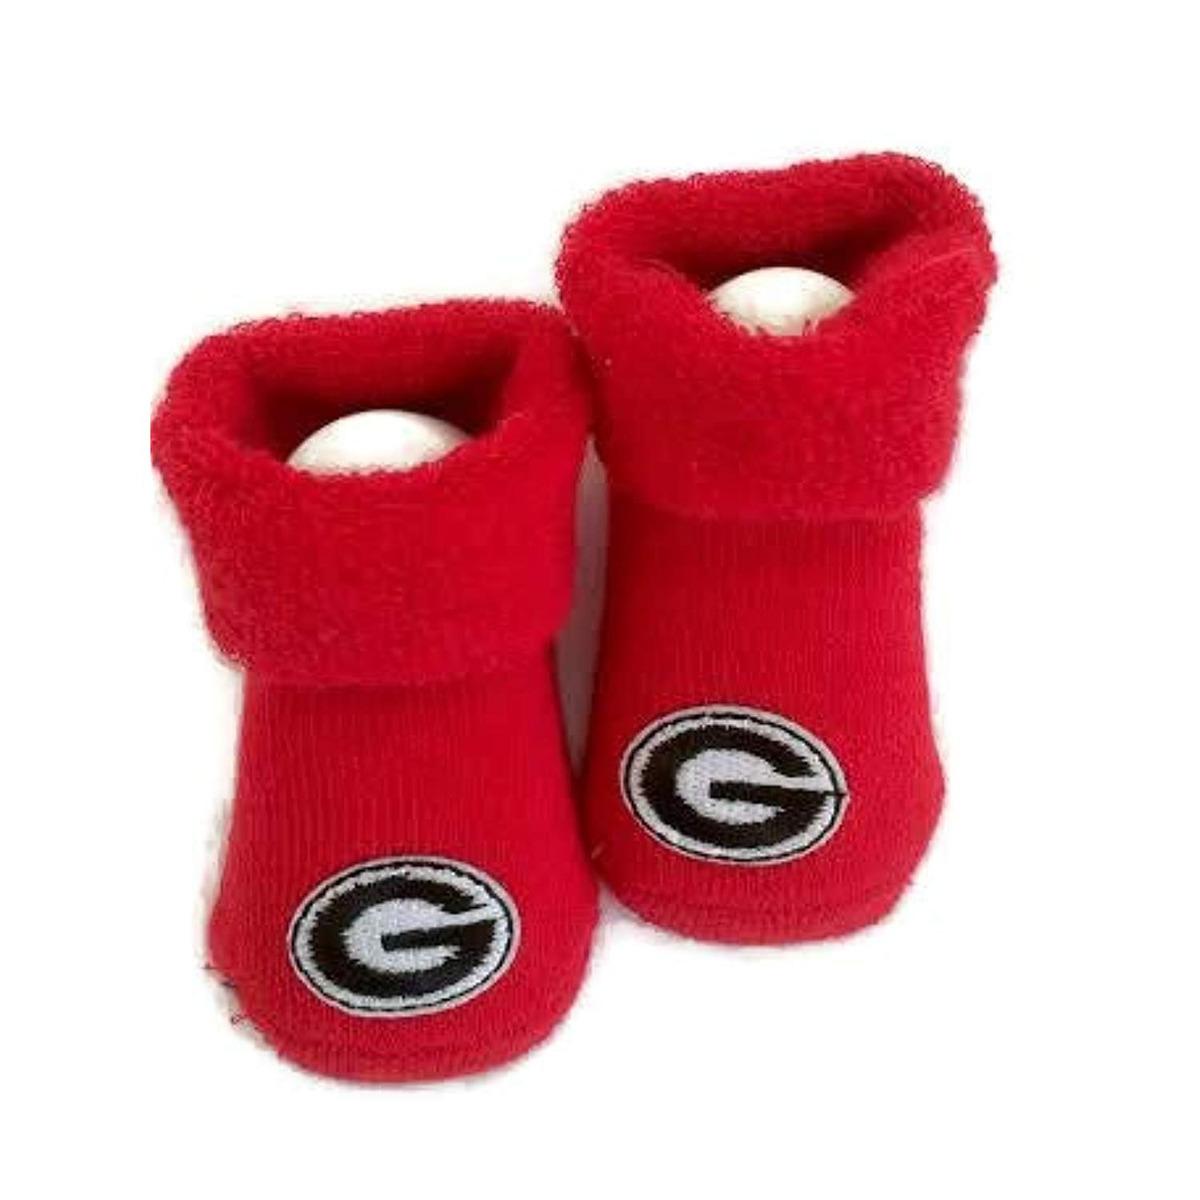 16e9d9883 Georgia Bulldogs Baby Gift Set Red Booties - $ 2,185.28 en Mercado Libre